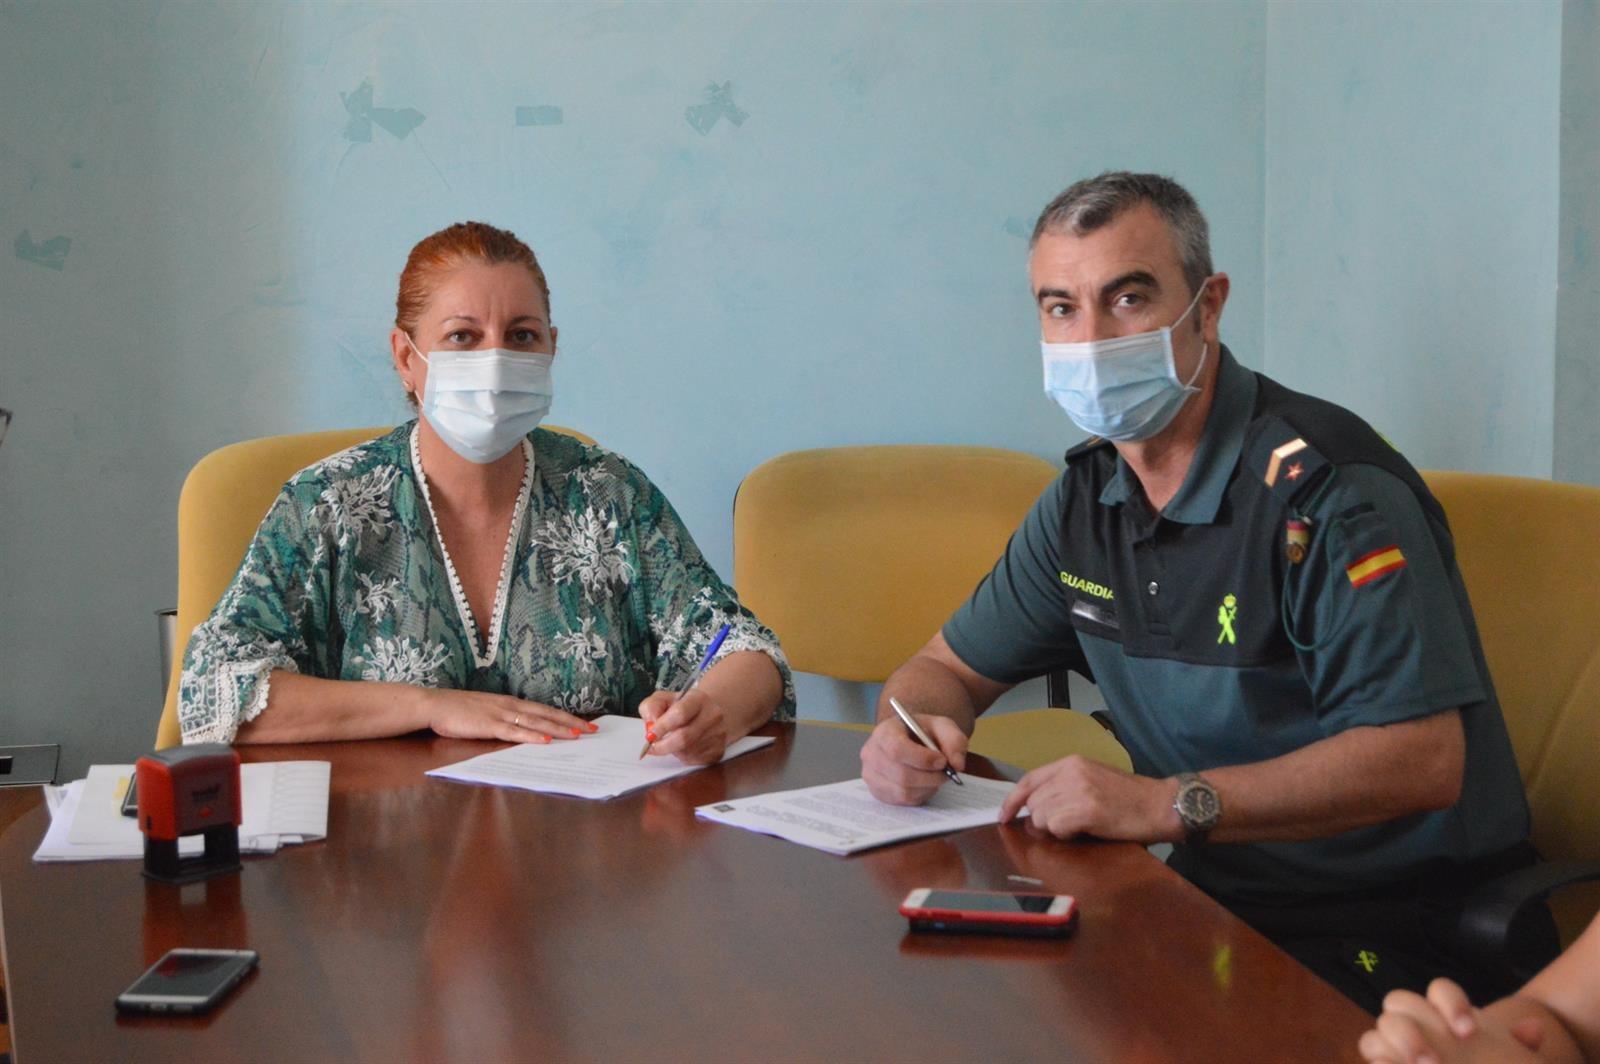 Más de 950 sanciones en Salobreña en pandemia, el 80 por ciento por mal uso de mascarilla